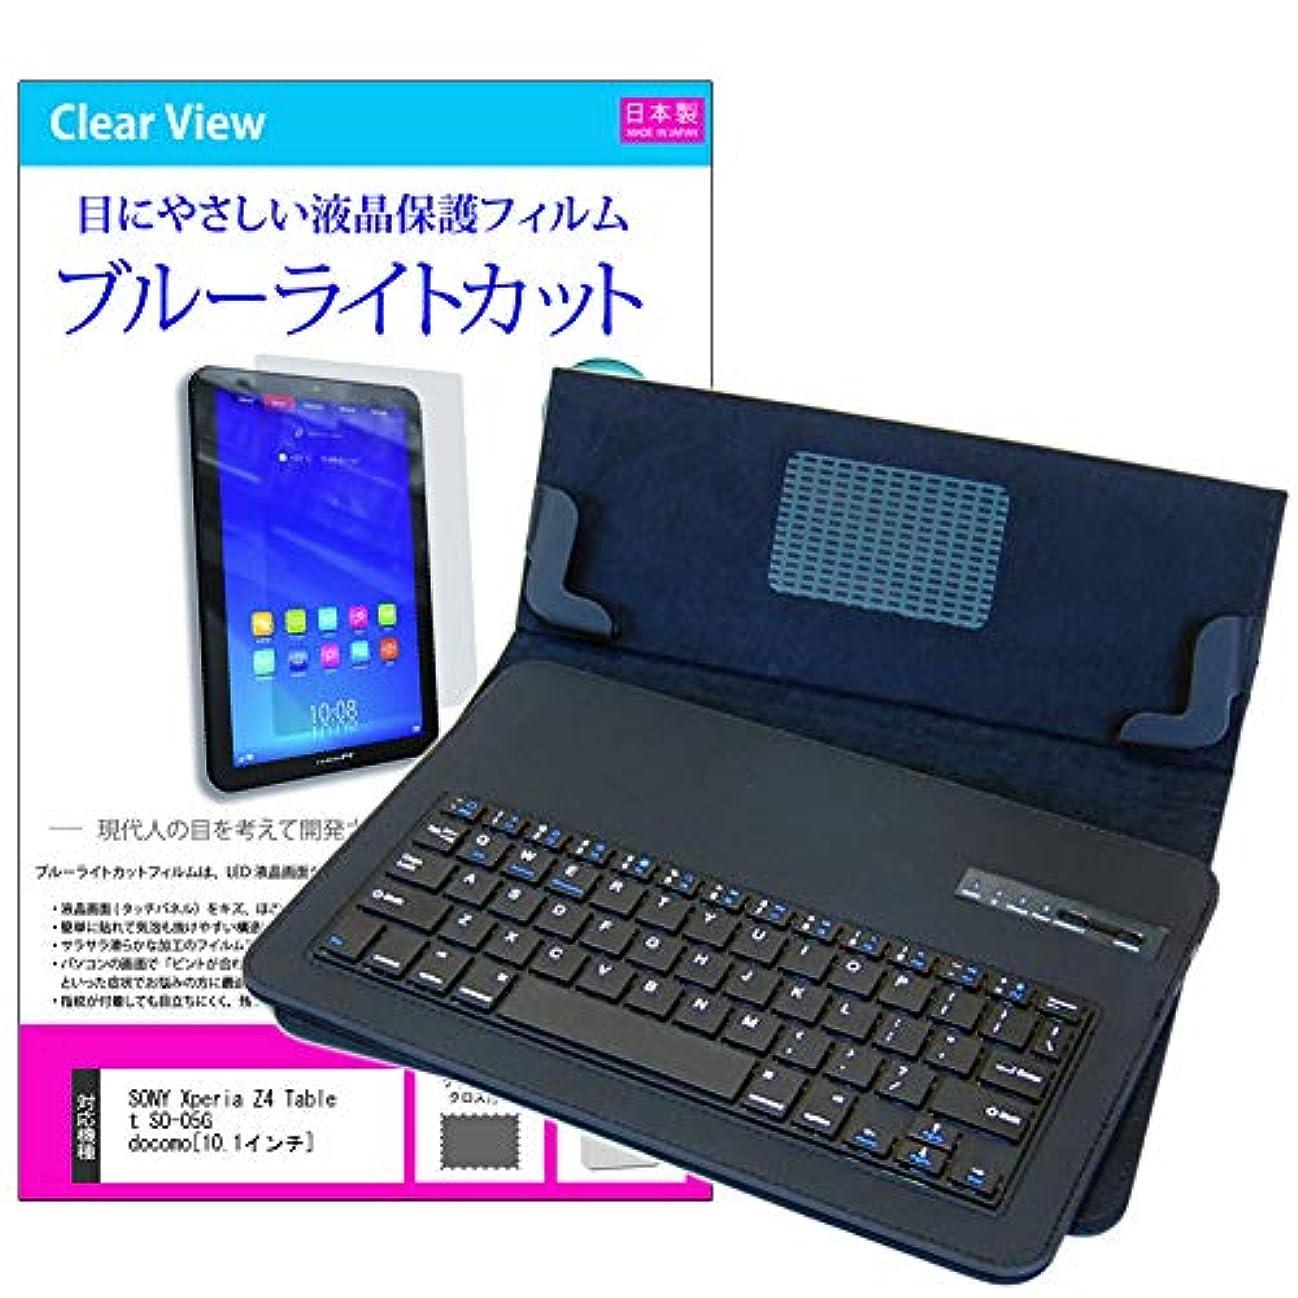 もっと少なく落胆した急いでメディアカバーマーケット SONY Xperia Z4 Tablet SO-05G docomo[10.1インチ(2560x1600)]機種用 【Bluetoothワイヤレスキーボード付き タブレットケース と ブルーライトカット液晶保護フィルム のセット】 反射防止 指紋防止 気泡レス 抗菌